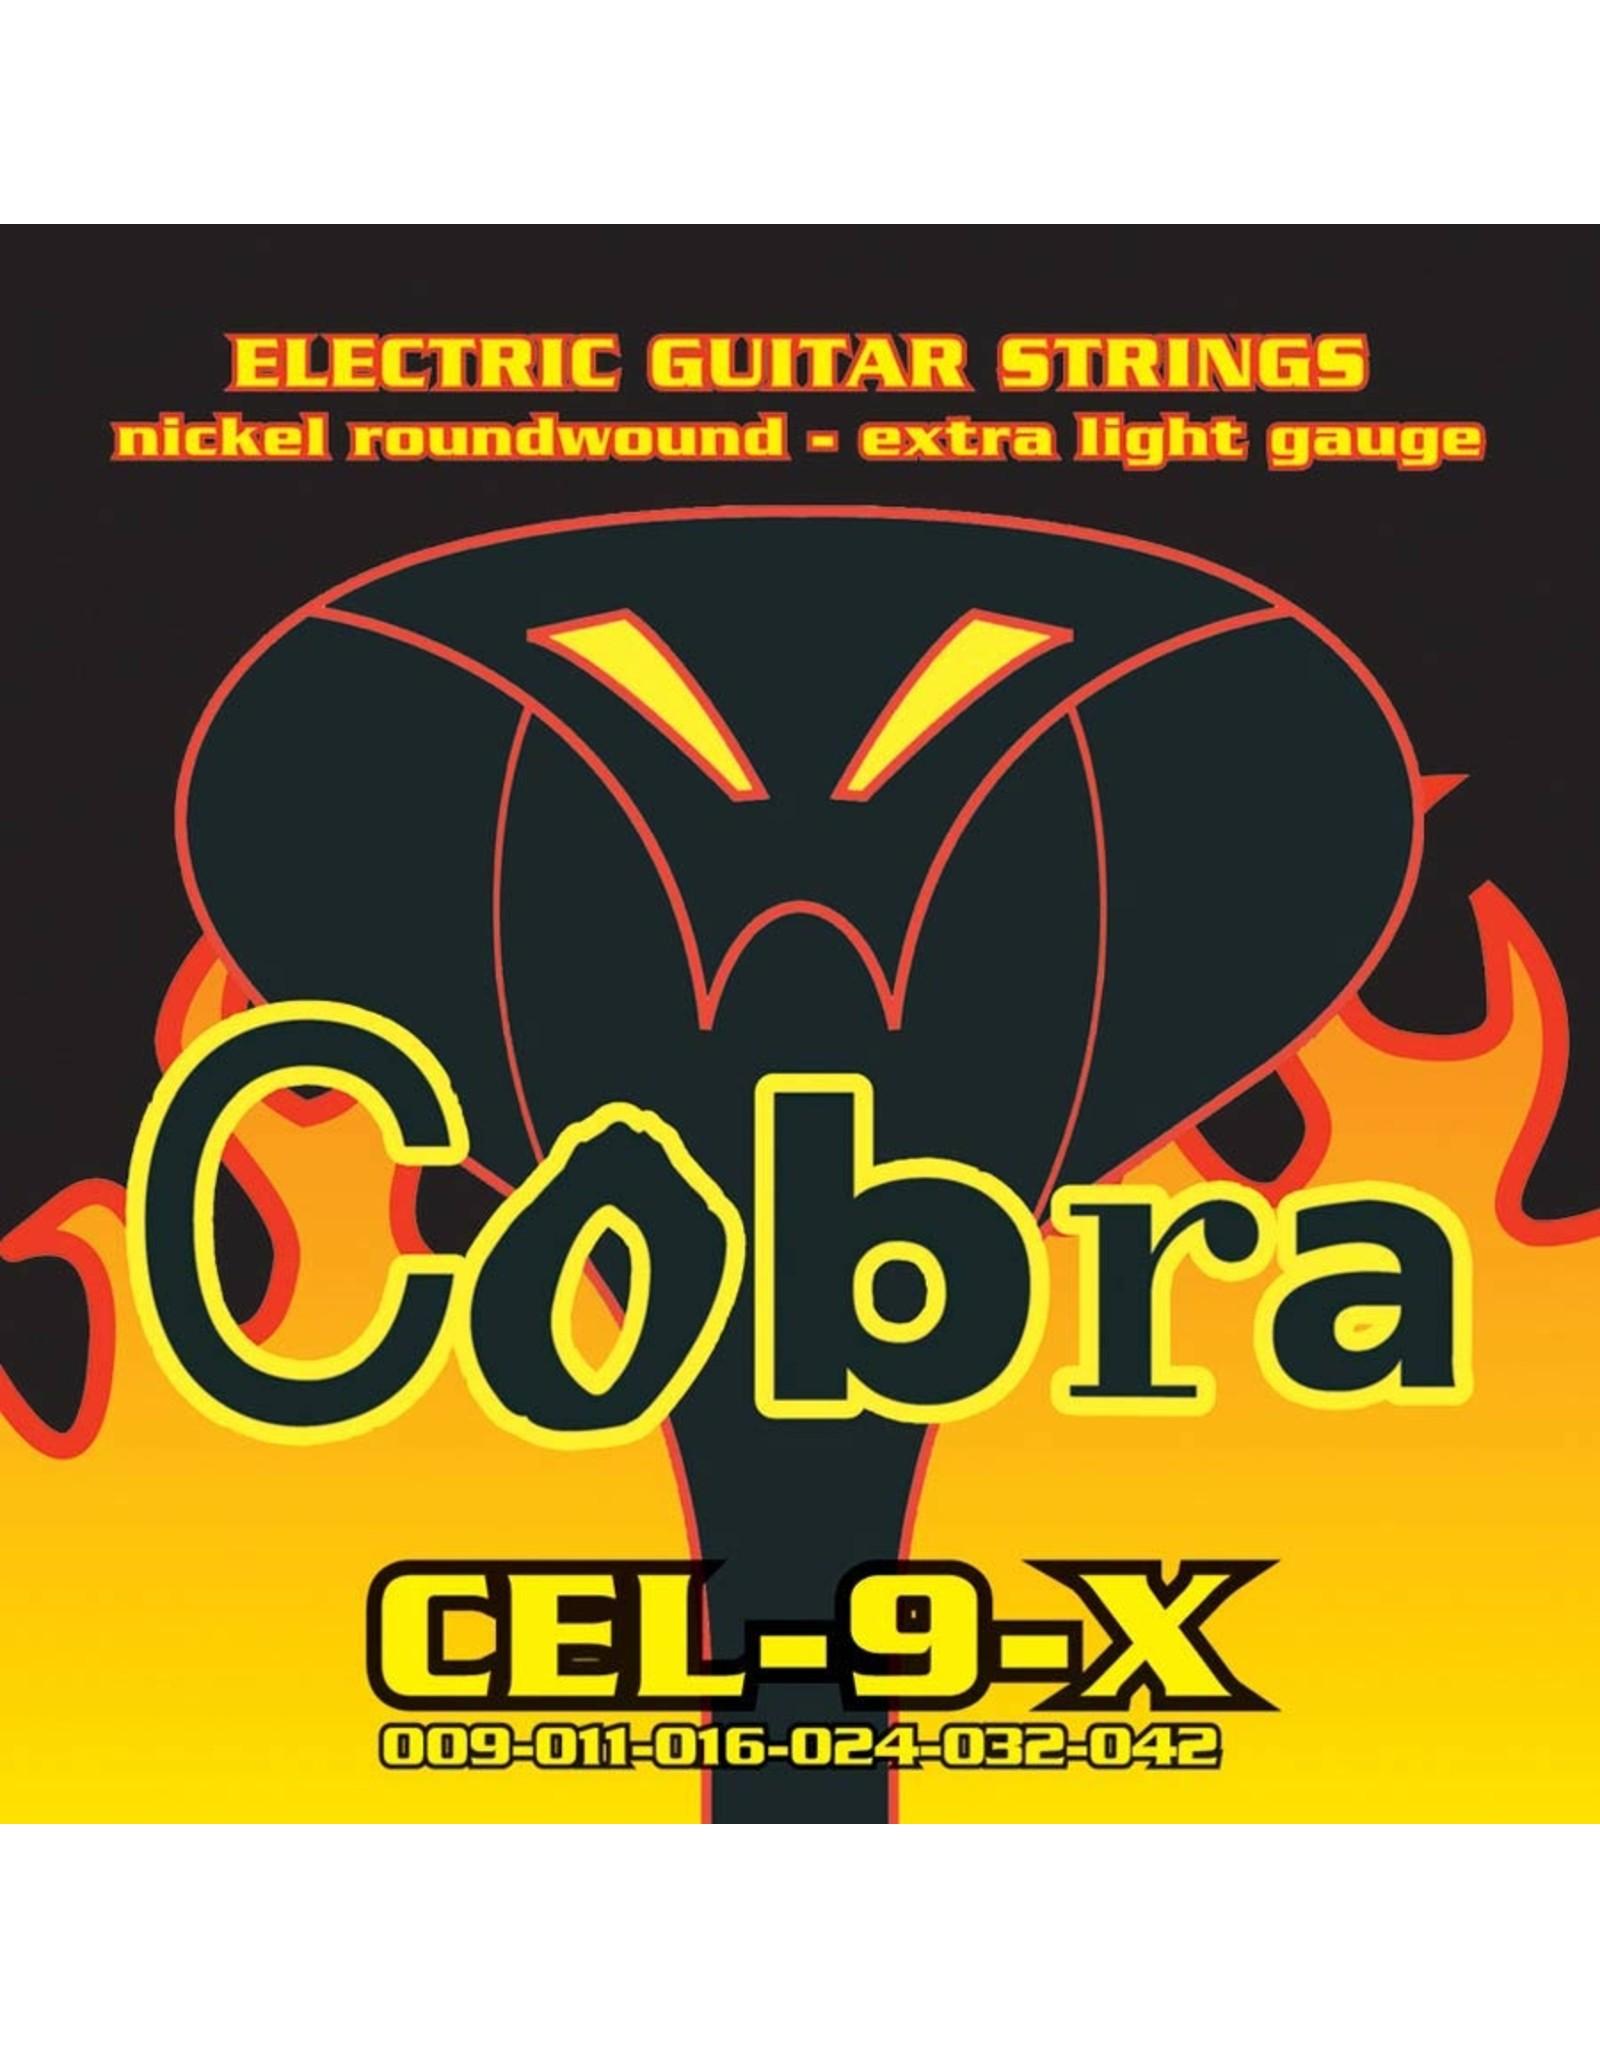 cobra CEL-9-X |Cobra snarenset elektrische gitaar